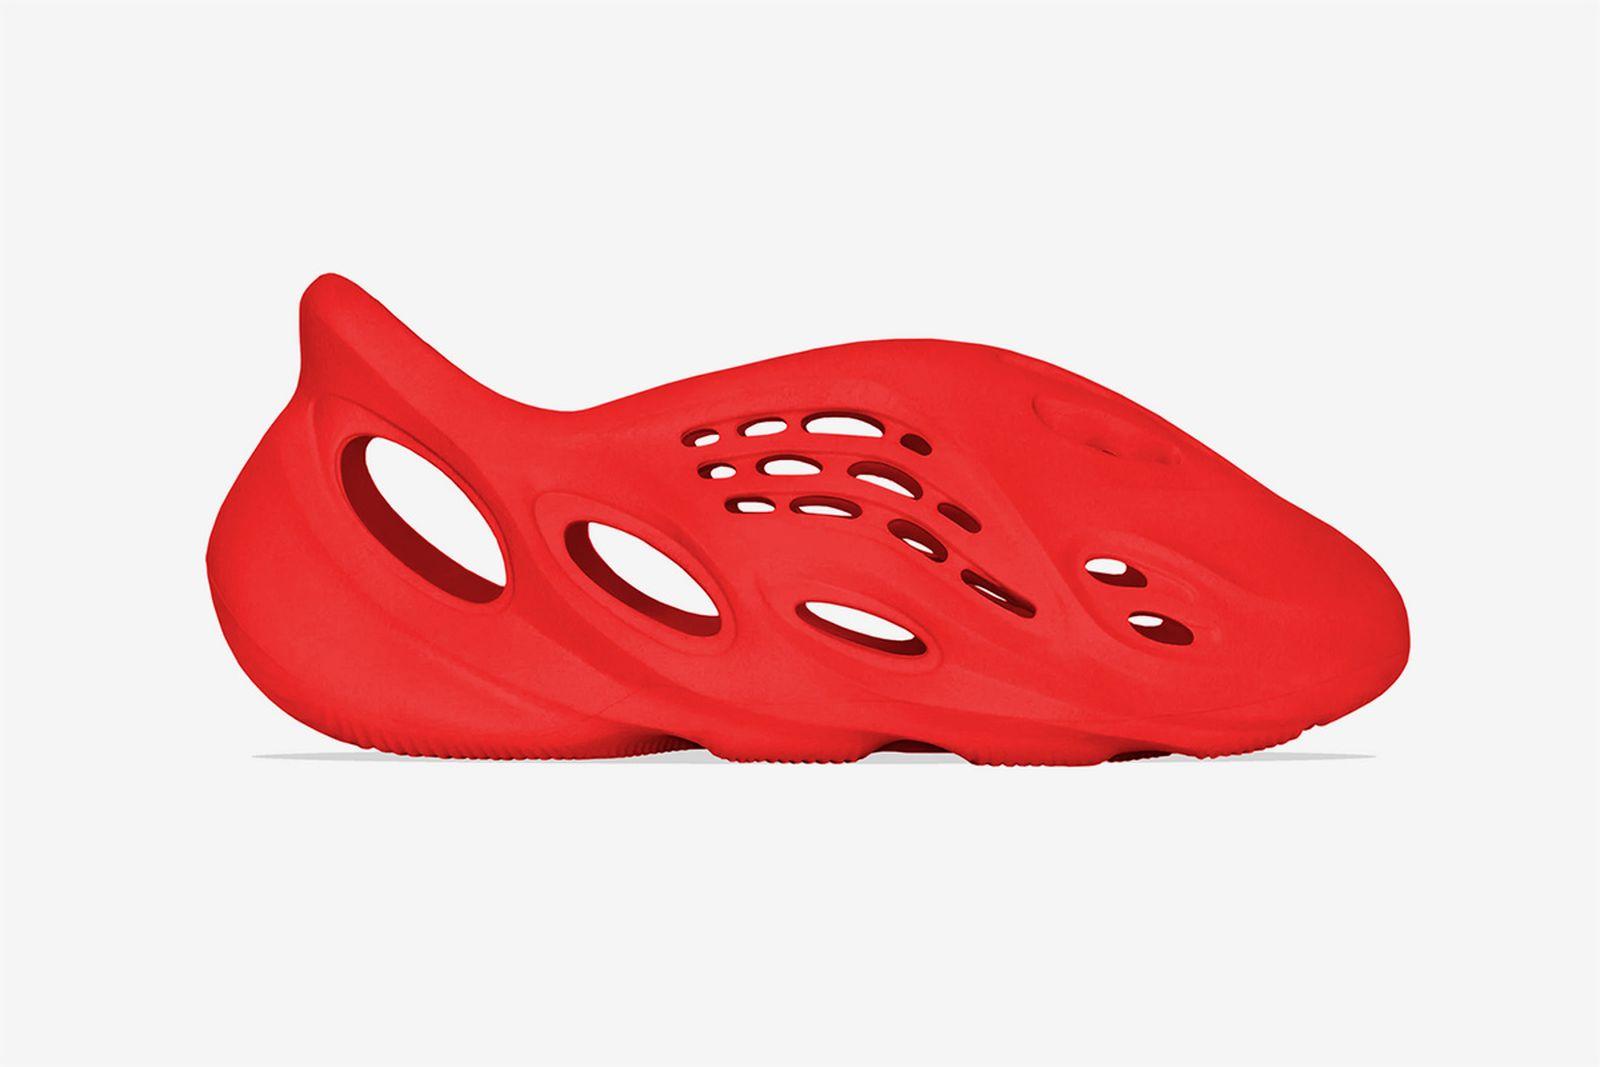 adidas-yeezy-foam-runner-vermilion-release-date-price-01